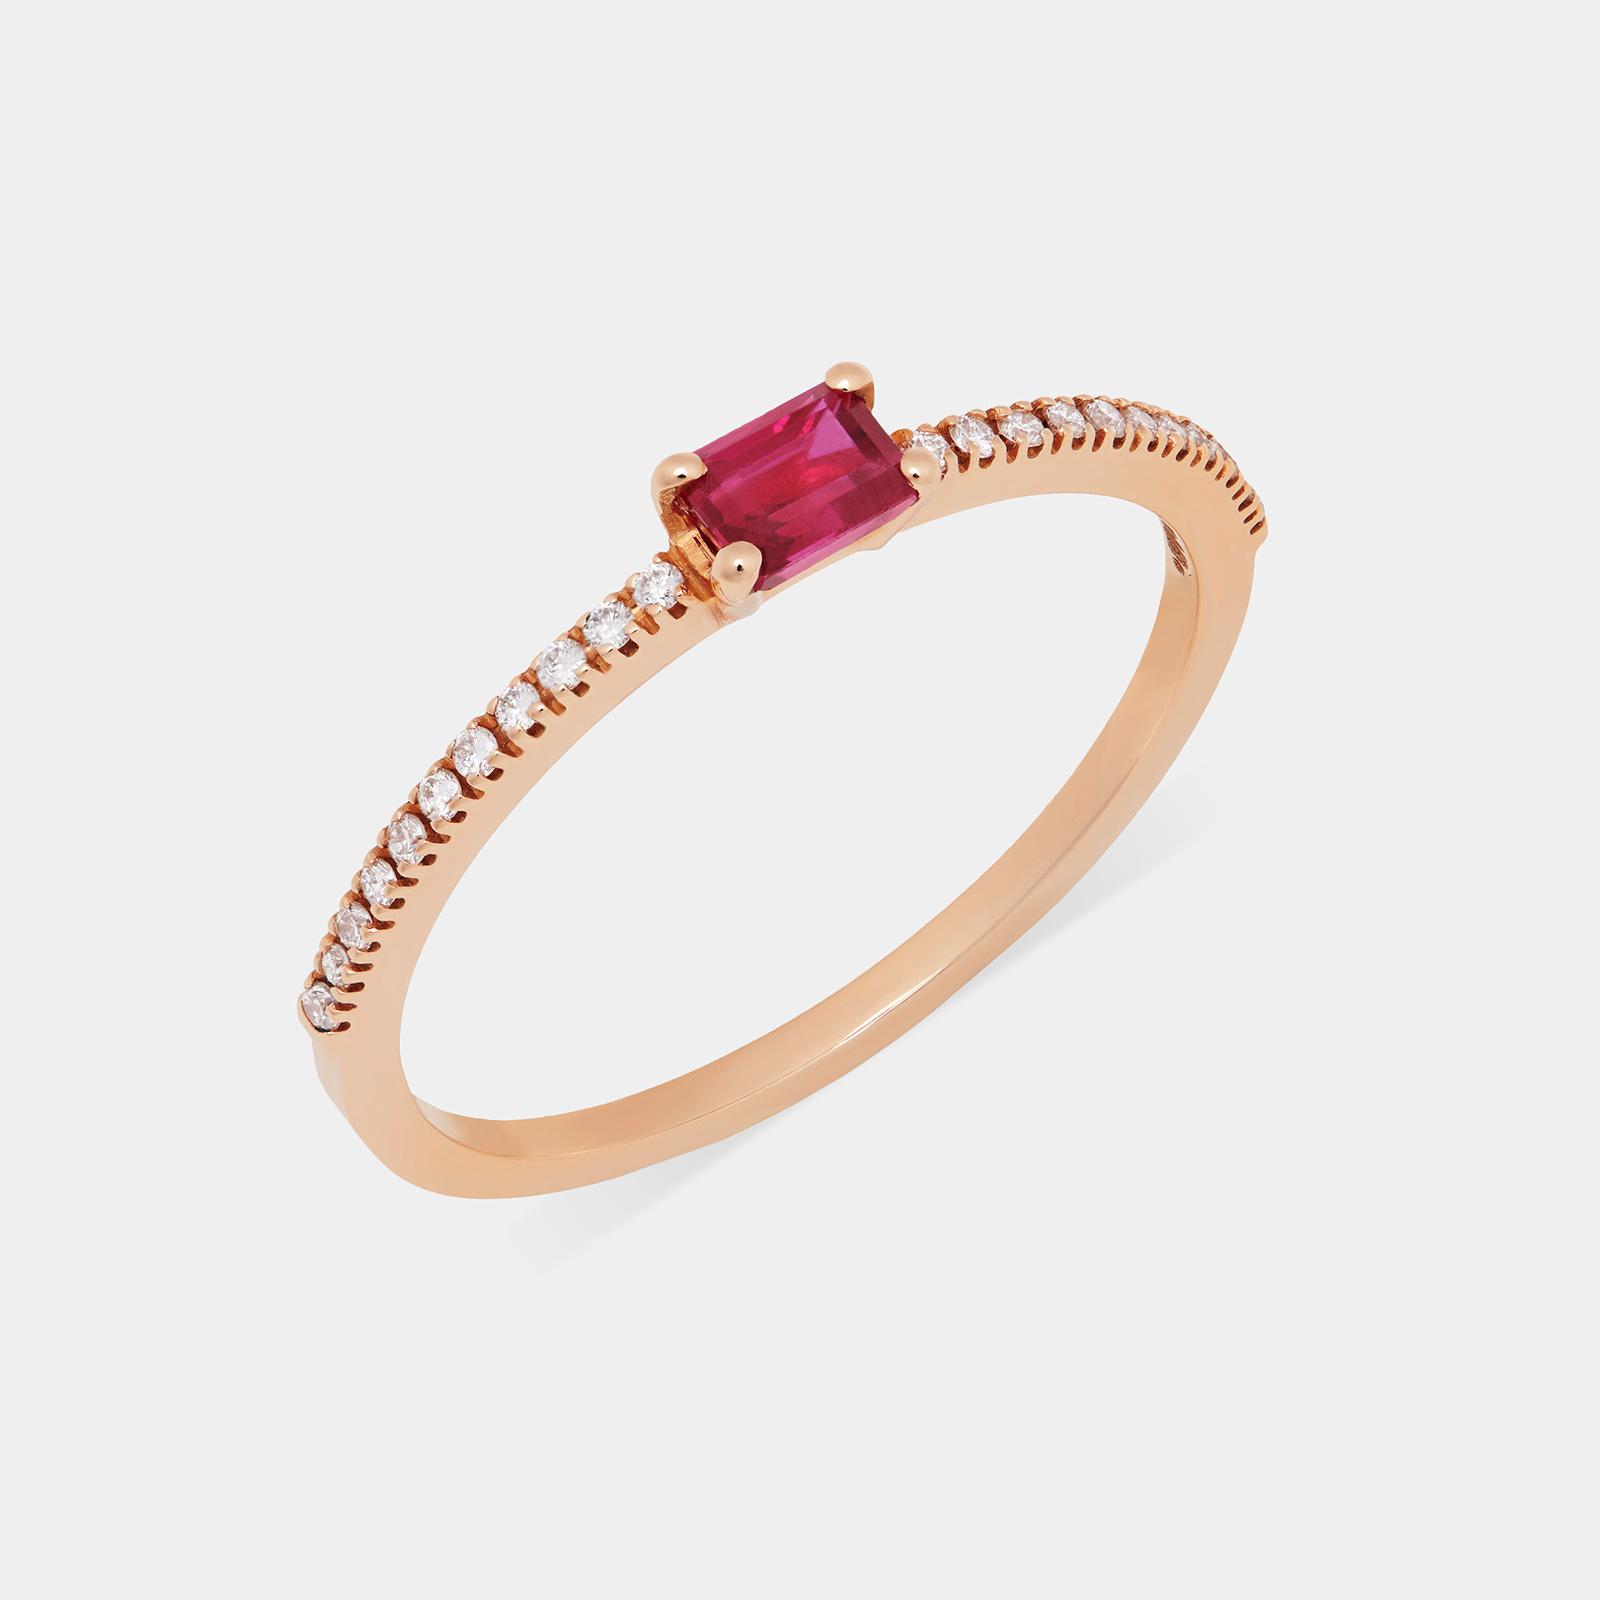 Fedina in oro rosa con diamanti e rubino taglio smeraldo - Rosanna Cattolico gioielli